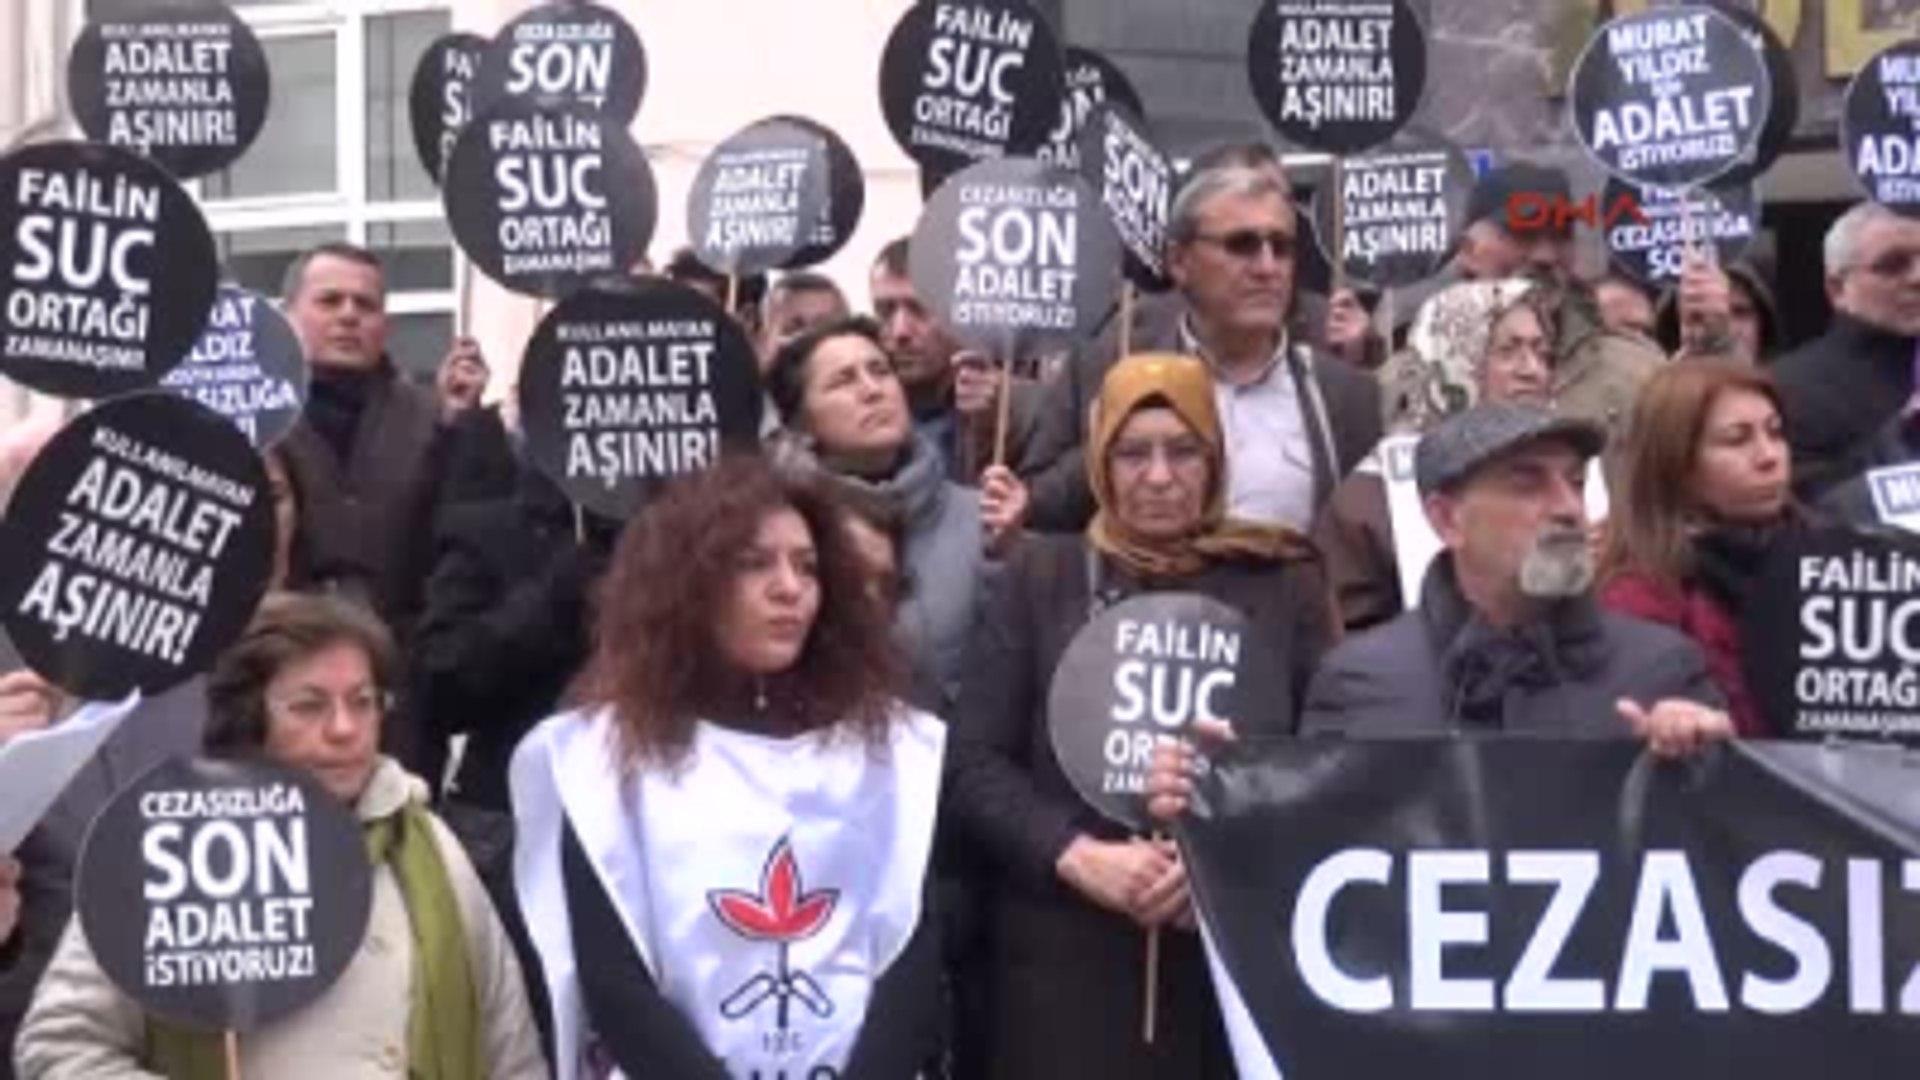 Gebze 20 Yıl Önce Gözaltında Kaybolan Gencin Ailesi ve İhd, Gebze Adliyesi Önünde Protesto...